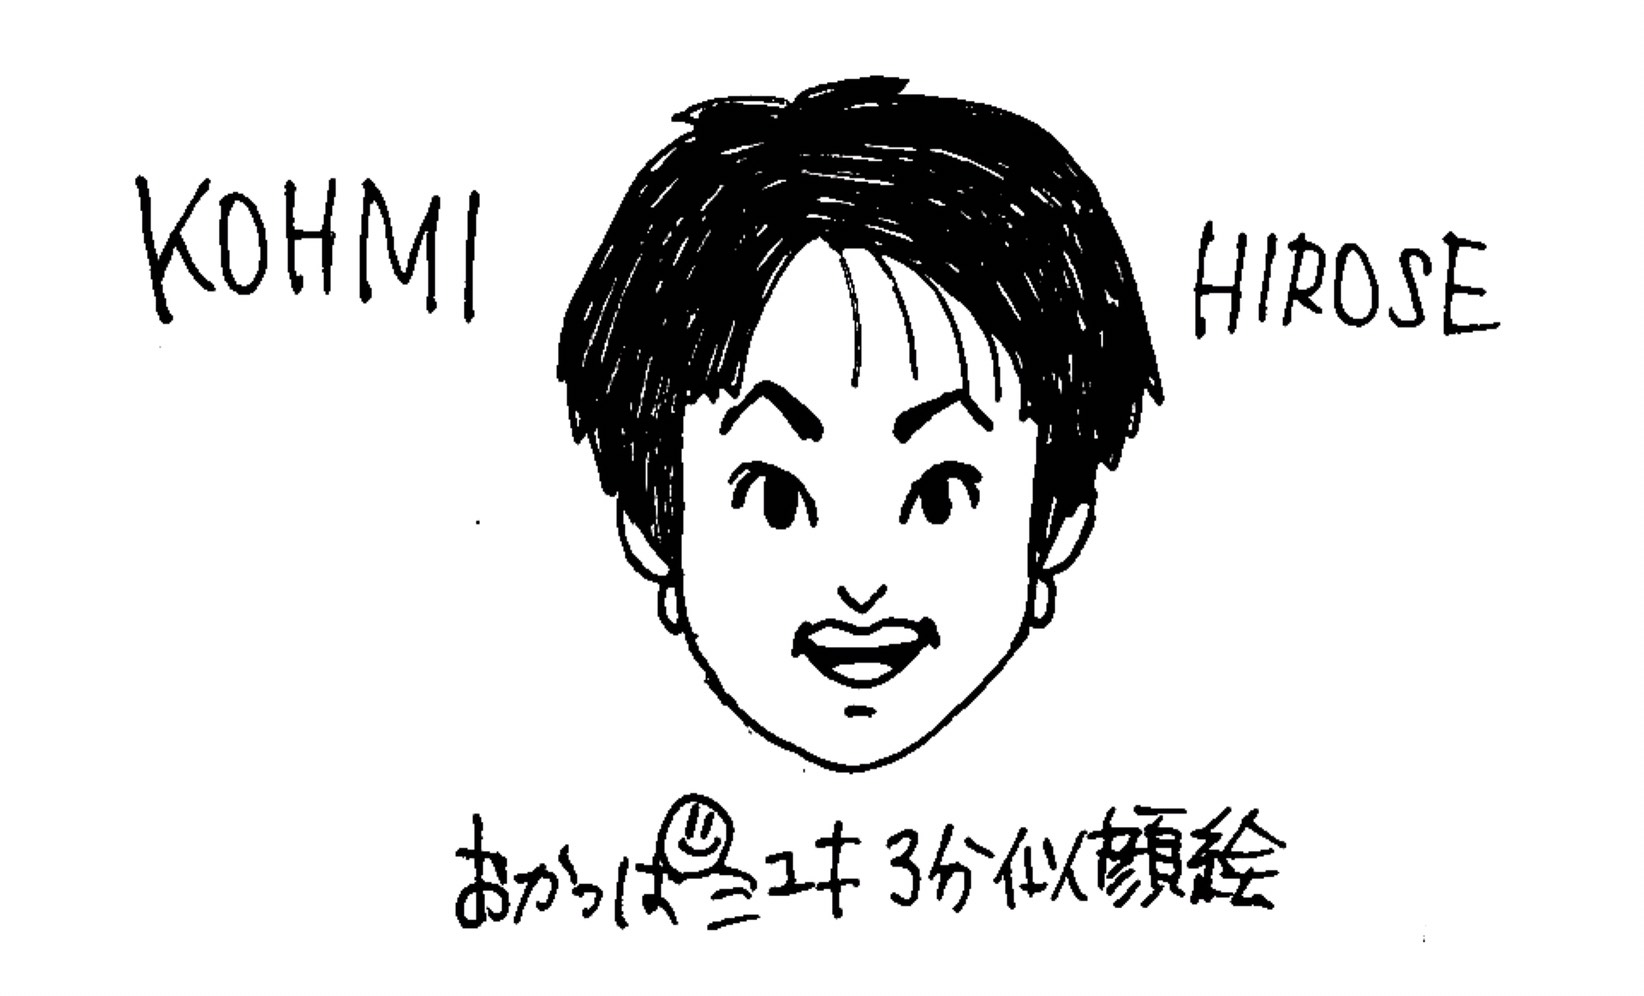 広瀬香美の似顔絵。おかっぱミユキが3分で描いたもの。